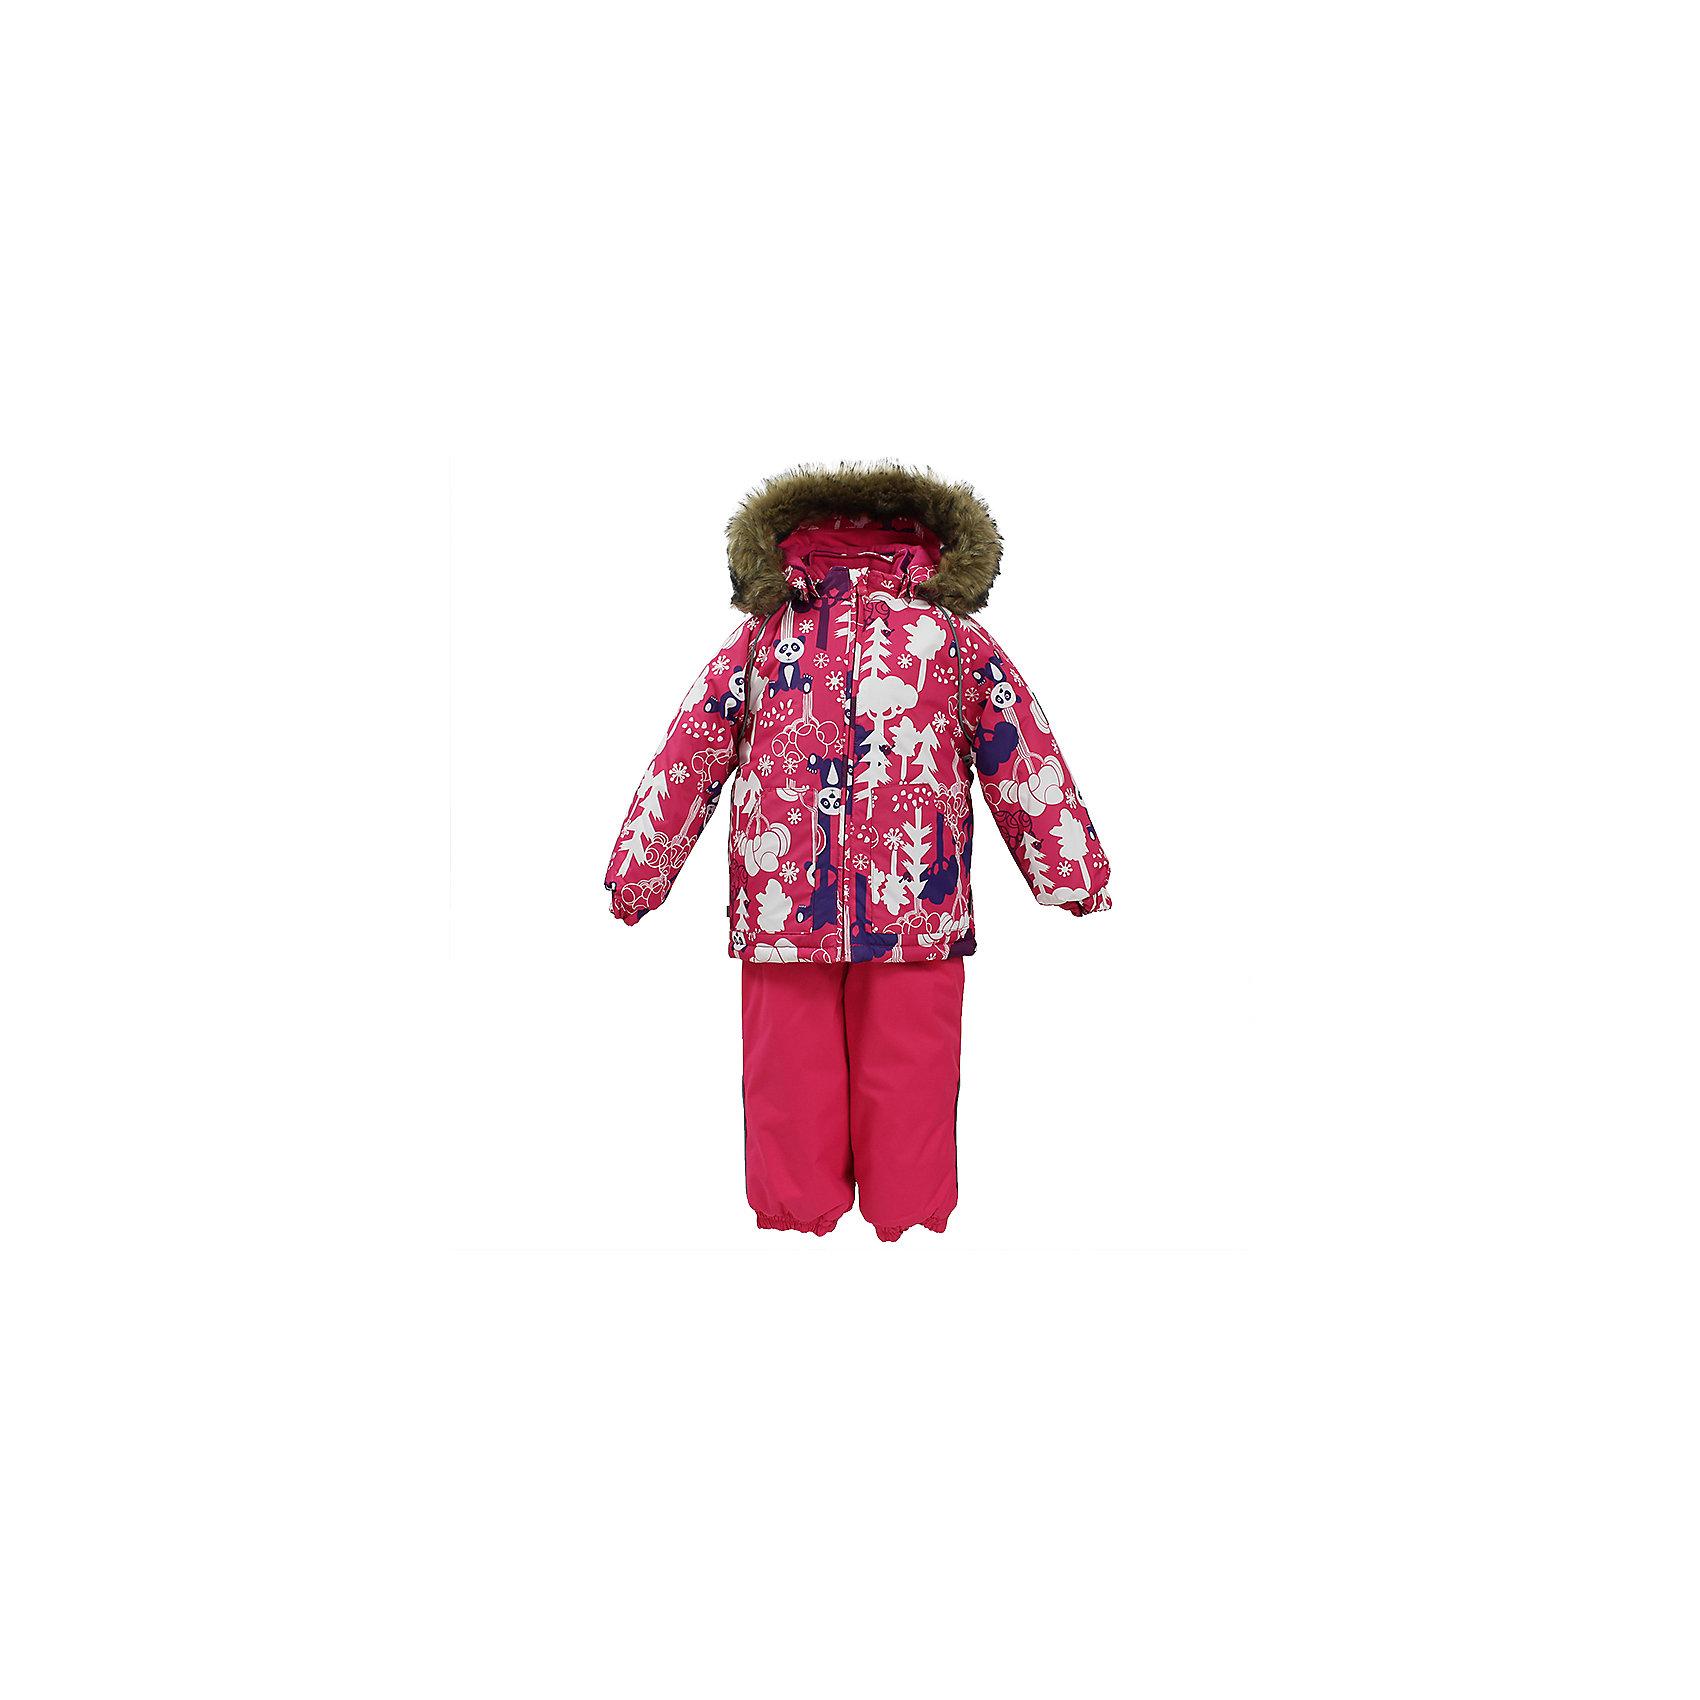 Комплект: куртка и брюки AVERY HuppaВерхняя одежда<br>Комплект для малышей  AVERY.Водо и воздухонепроницаемость 5 000 куртка / 10 000 брюки. Утеплитель 300 гр куртка/160 гр брюки. Подкладка фланель 100% хлопок.Отстегивающийся капюшон с мехом.Манжеты рукавов на резинке. Манжеты брюк на резинке.Добавлены петли для ступней.Резиновые подтяжки.Имеются светоотражательные элементы.<br>Состав:<br>100% Полиэстер<br><br>Ширина мм: 356<br>Глубина мм: 10<br>Высота мм: 245<br>Вес г: 519<br>Цвет: фуксия<br>Возраст от месяцев: 24<br>Возраст до месяцев: 36<br>Пол: Унисекс<br>Возраст: Детский<br>Размер: 98,104,86,80,92<br>SKU: 7027030